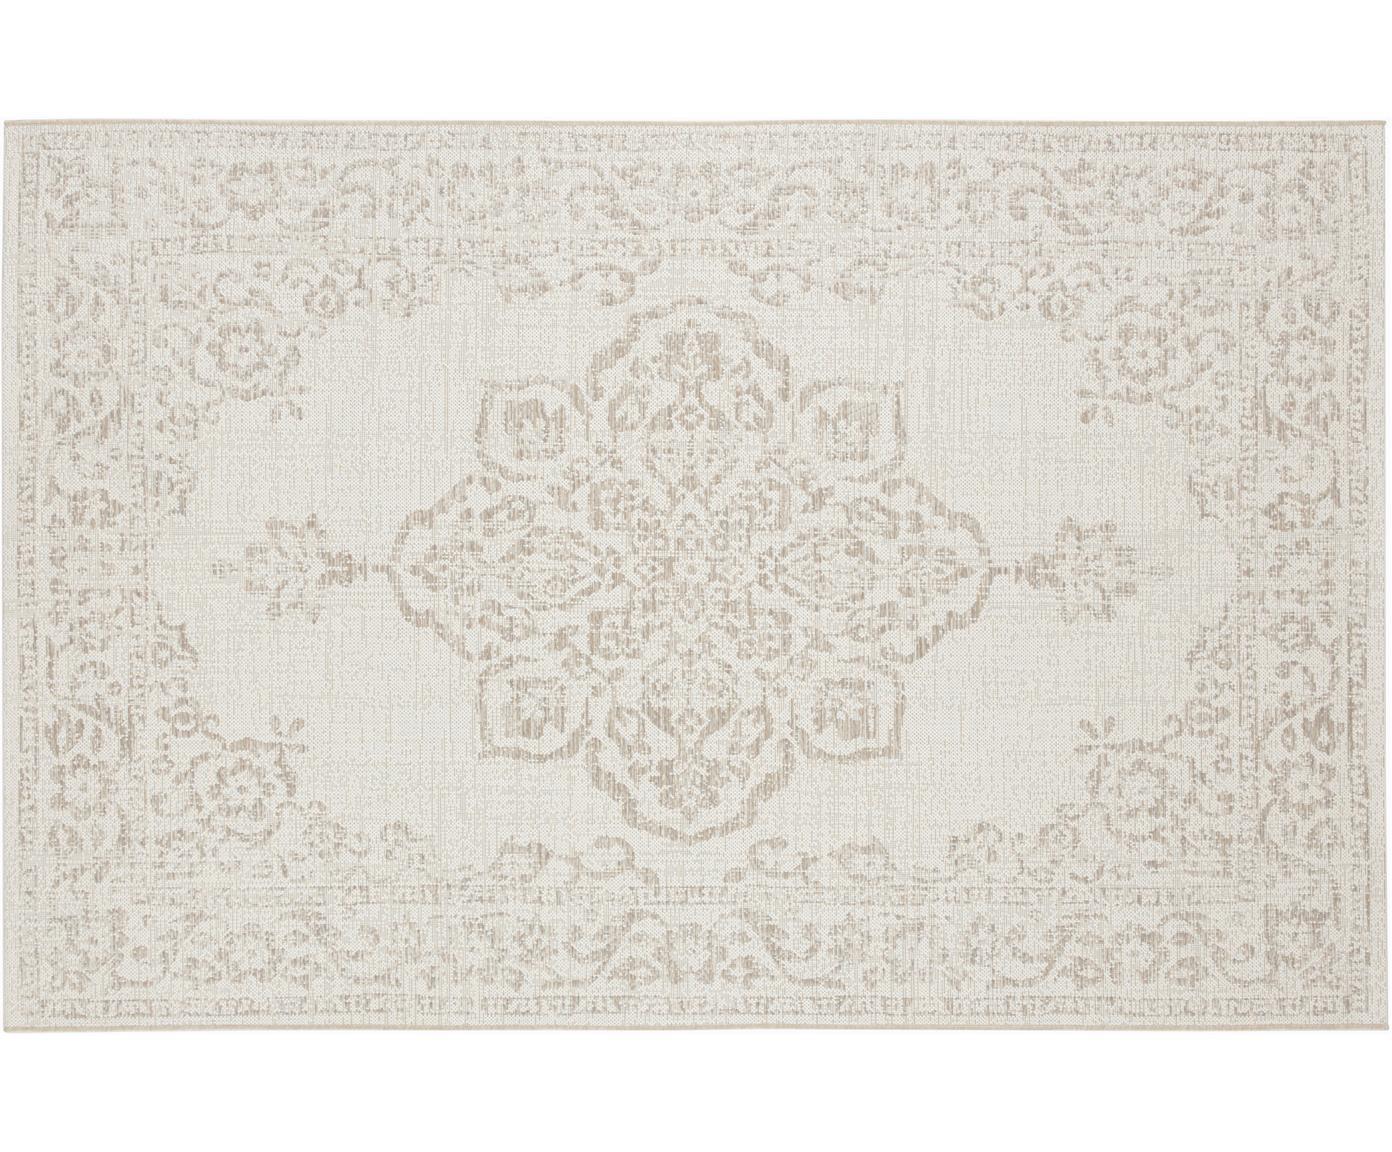 In- & Outdoor-Teppich Tilos im Vintage Style, 100% Polypropylen, Creme , Beige, B 80 x L 150 cm (Größe XS)